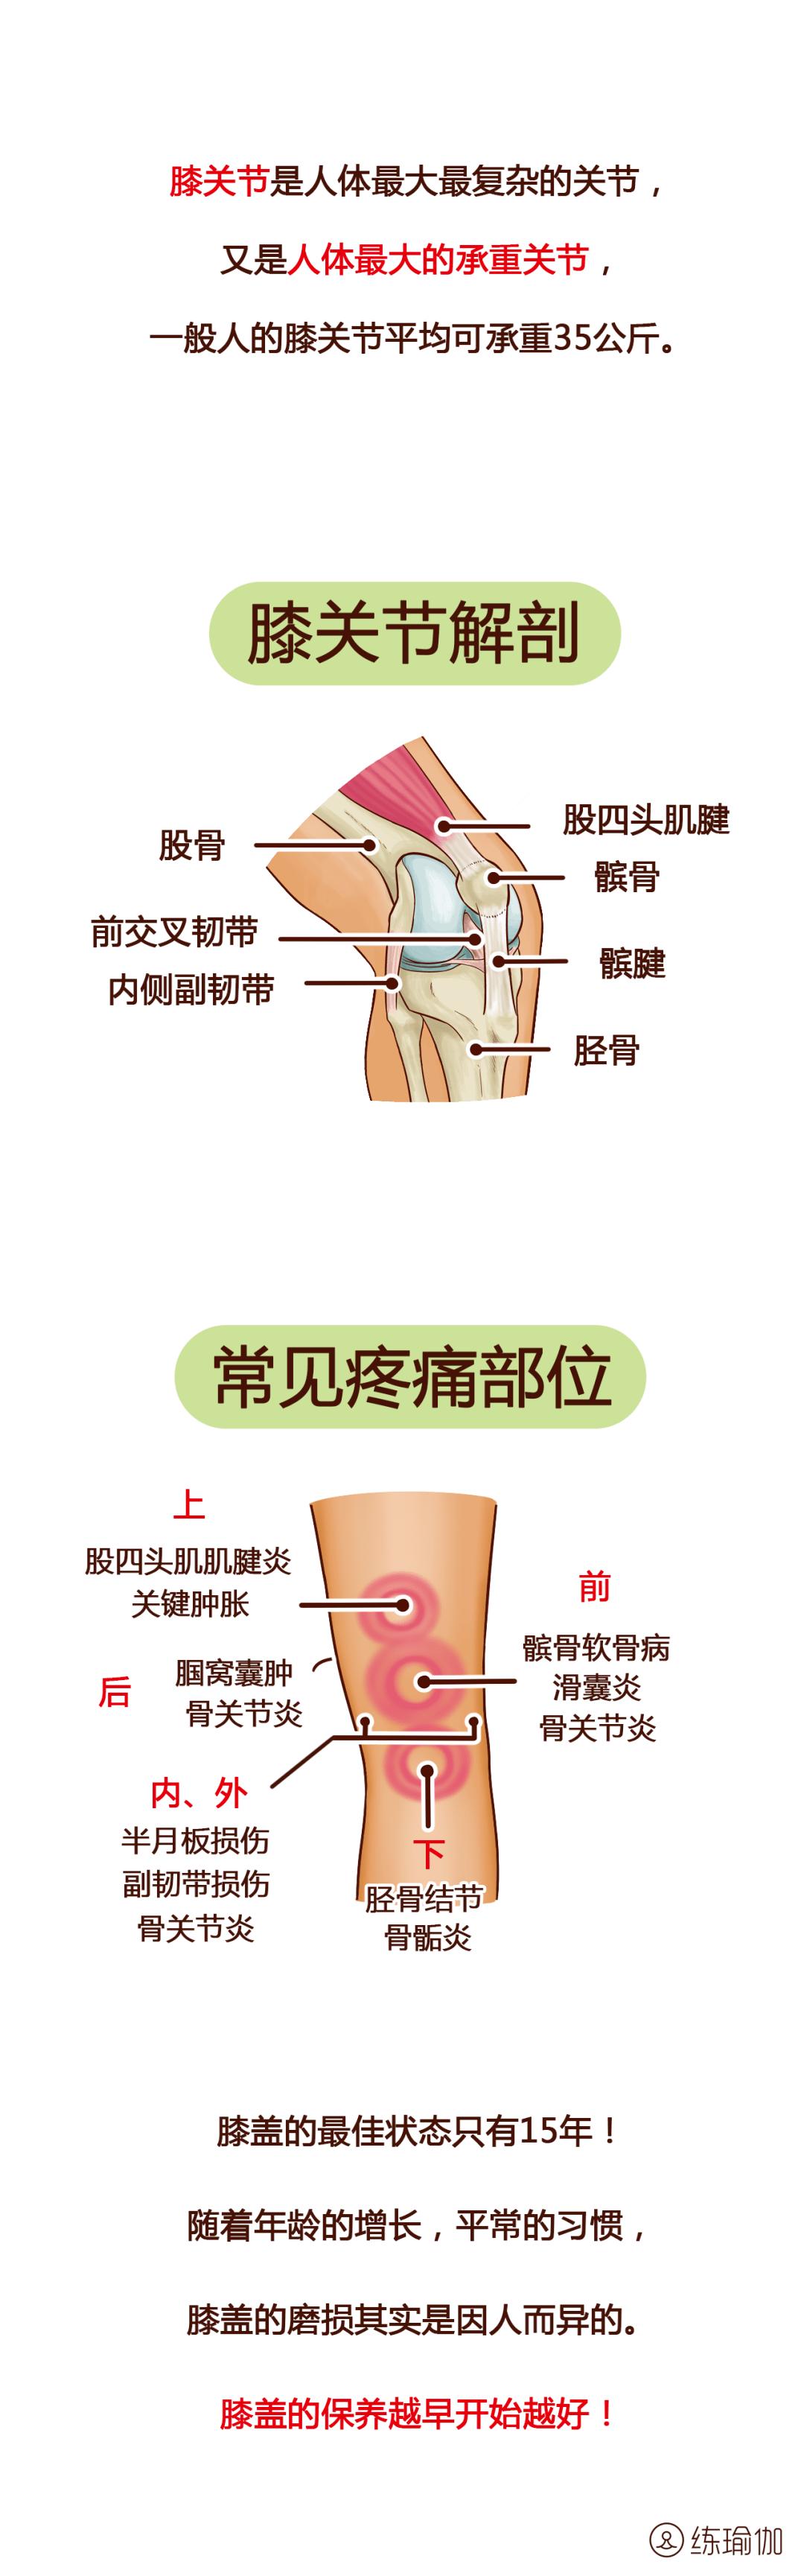 延长膝盖寿命40年, 5个小动作每天一次, 90岁依然健步如飞_双脚